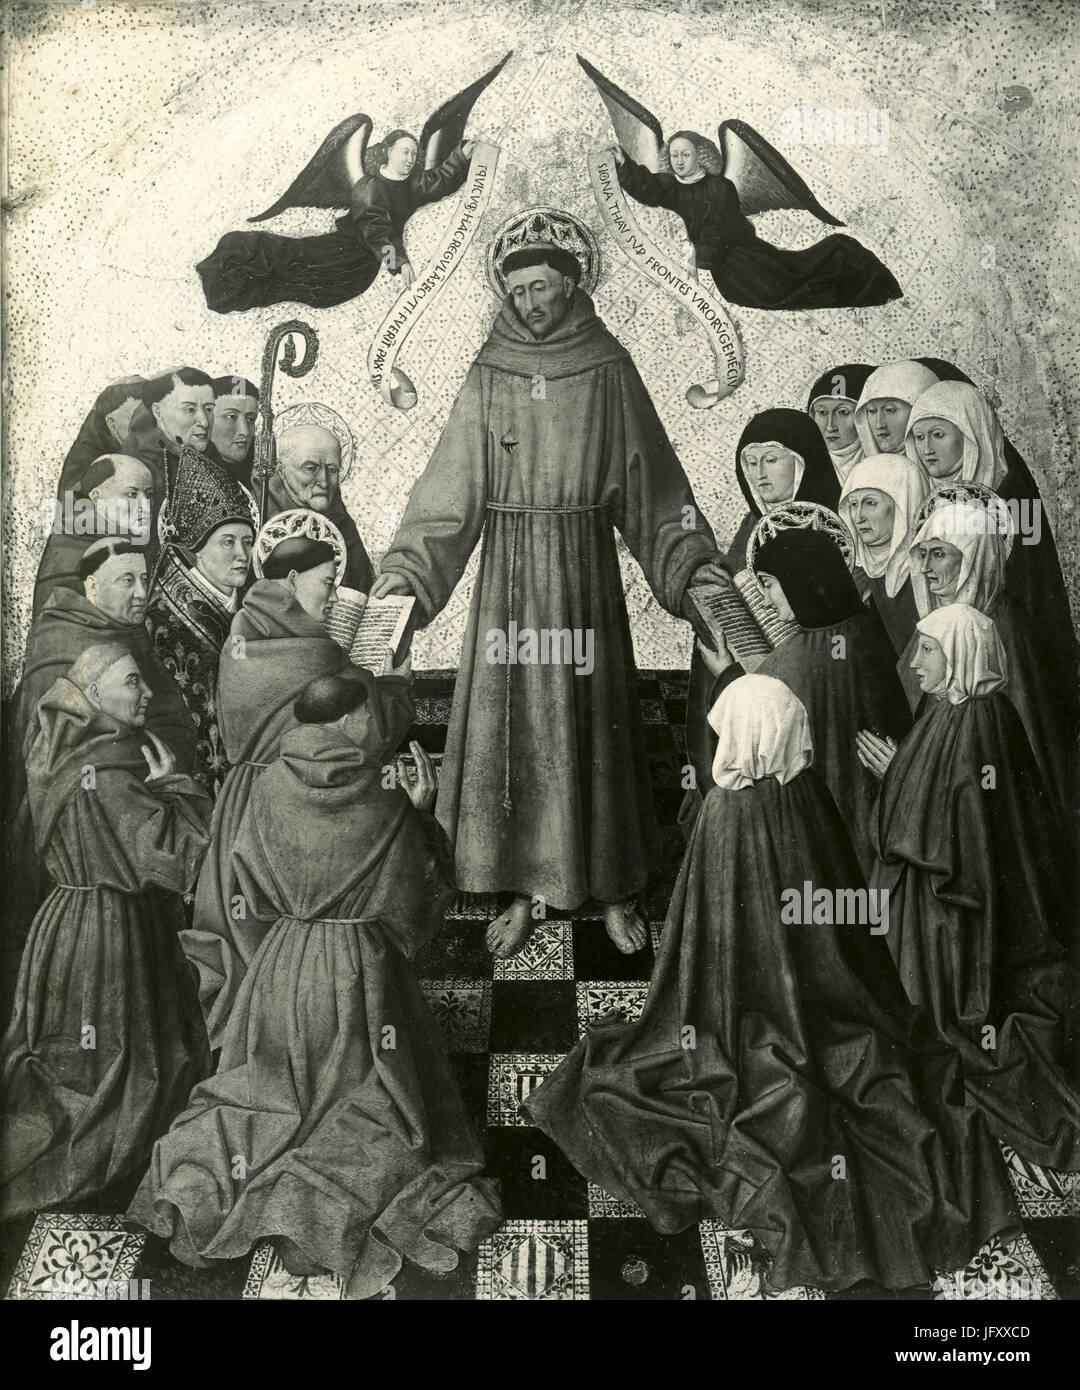 Sendung der franziskanischen Regel für Mönche und Clarisse, Gemälde von Niccolò Colantonio, Stockbild